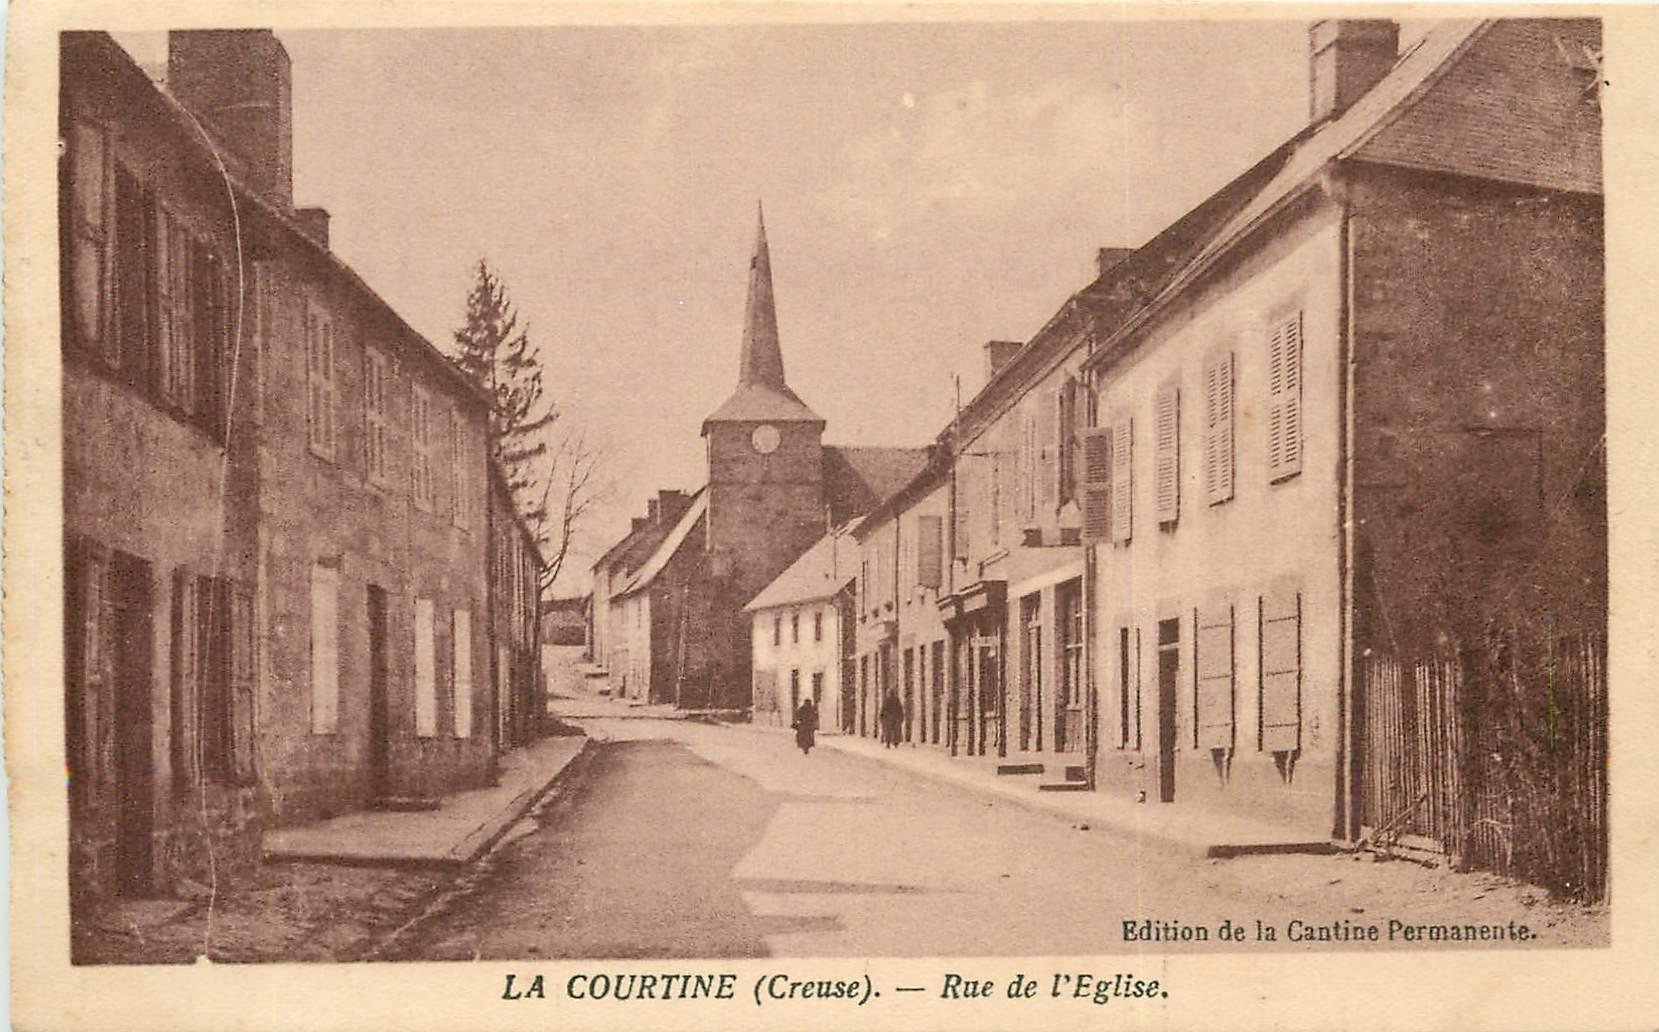 23 LA COURTINE. Rue de l'Eglise